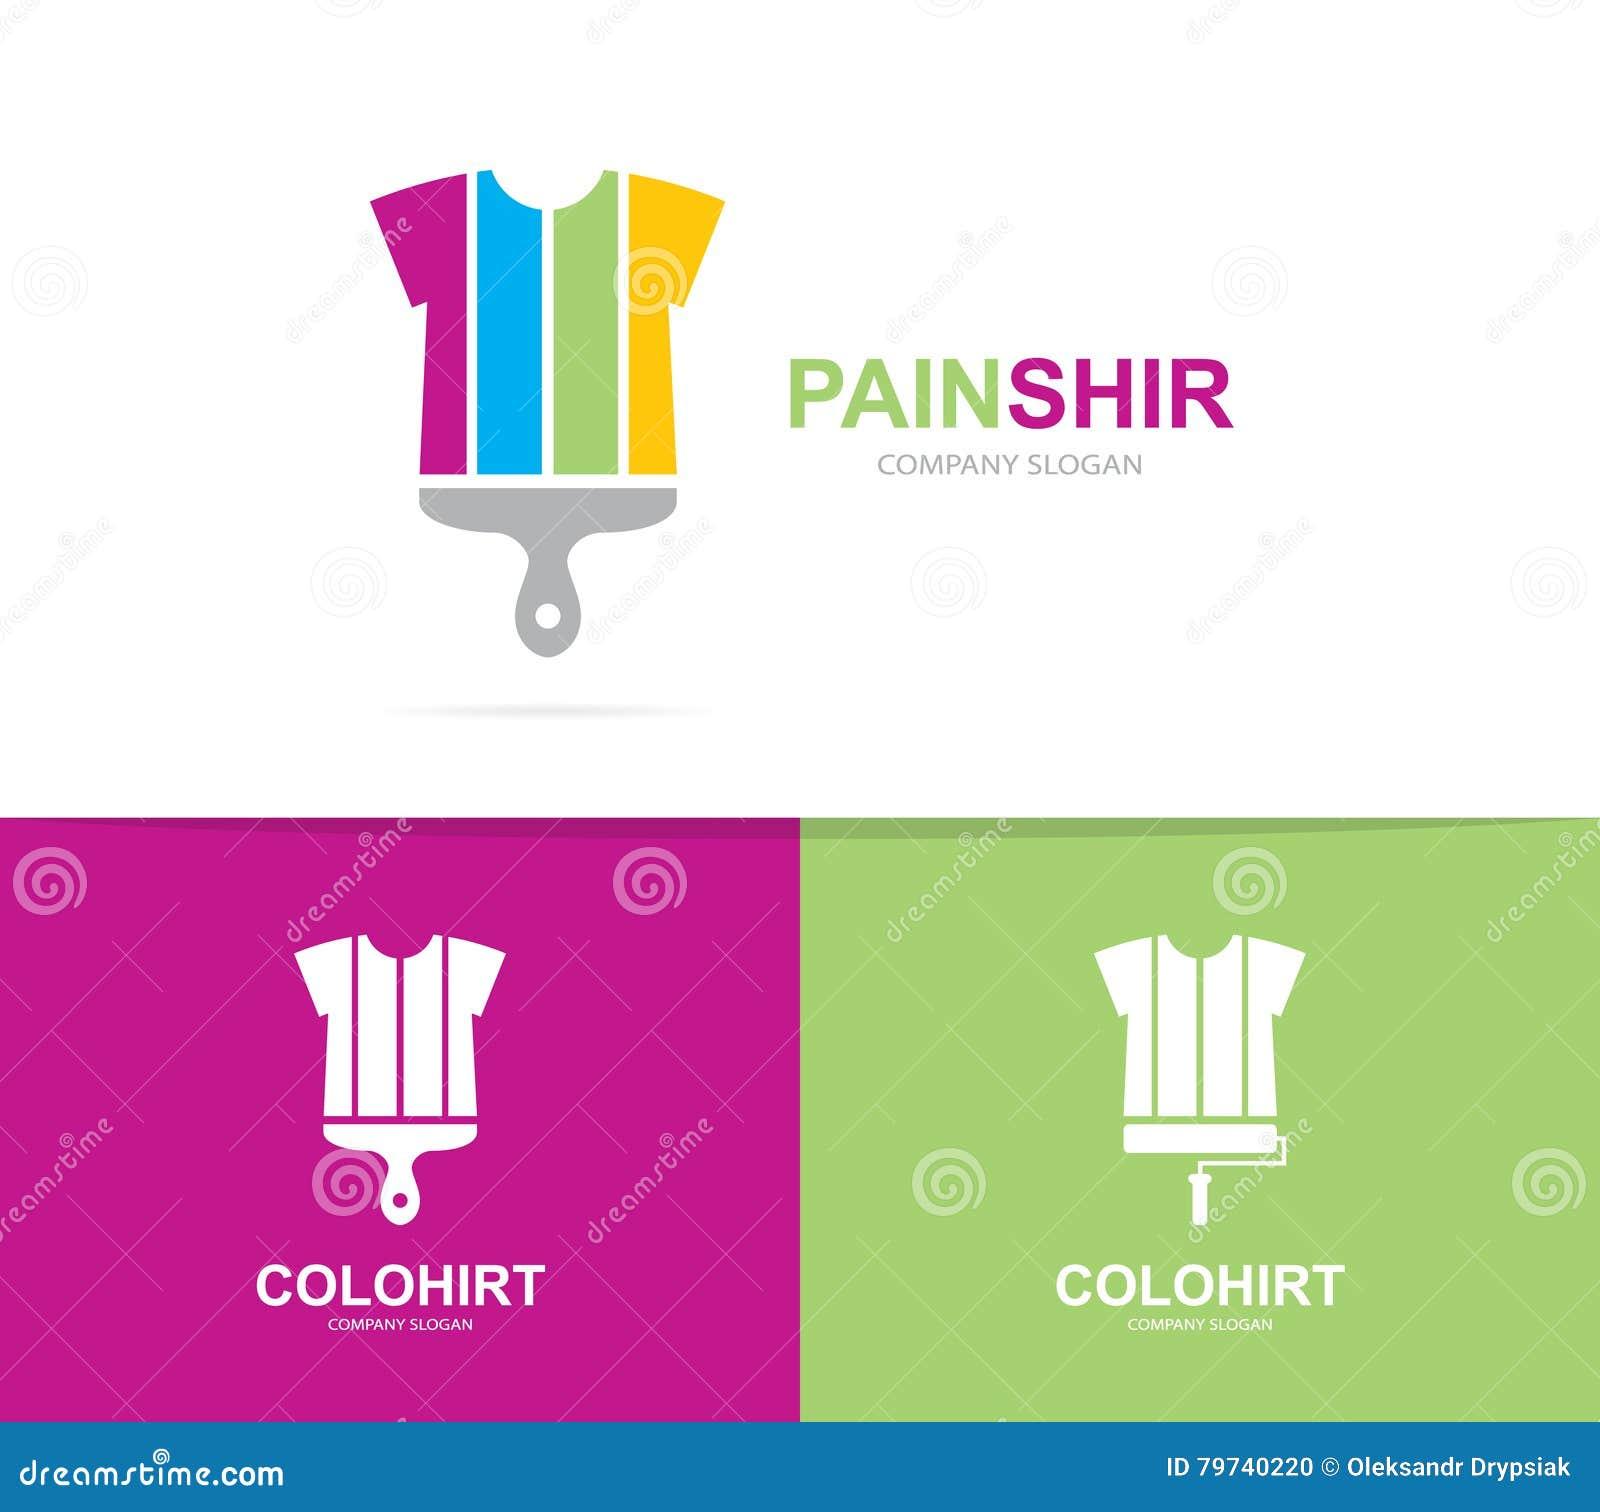 Vector de la combinación del logotipo de la camisa y del cepillo Ropa y símbolo o icono de la brocha Logotipo único del paño y de